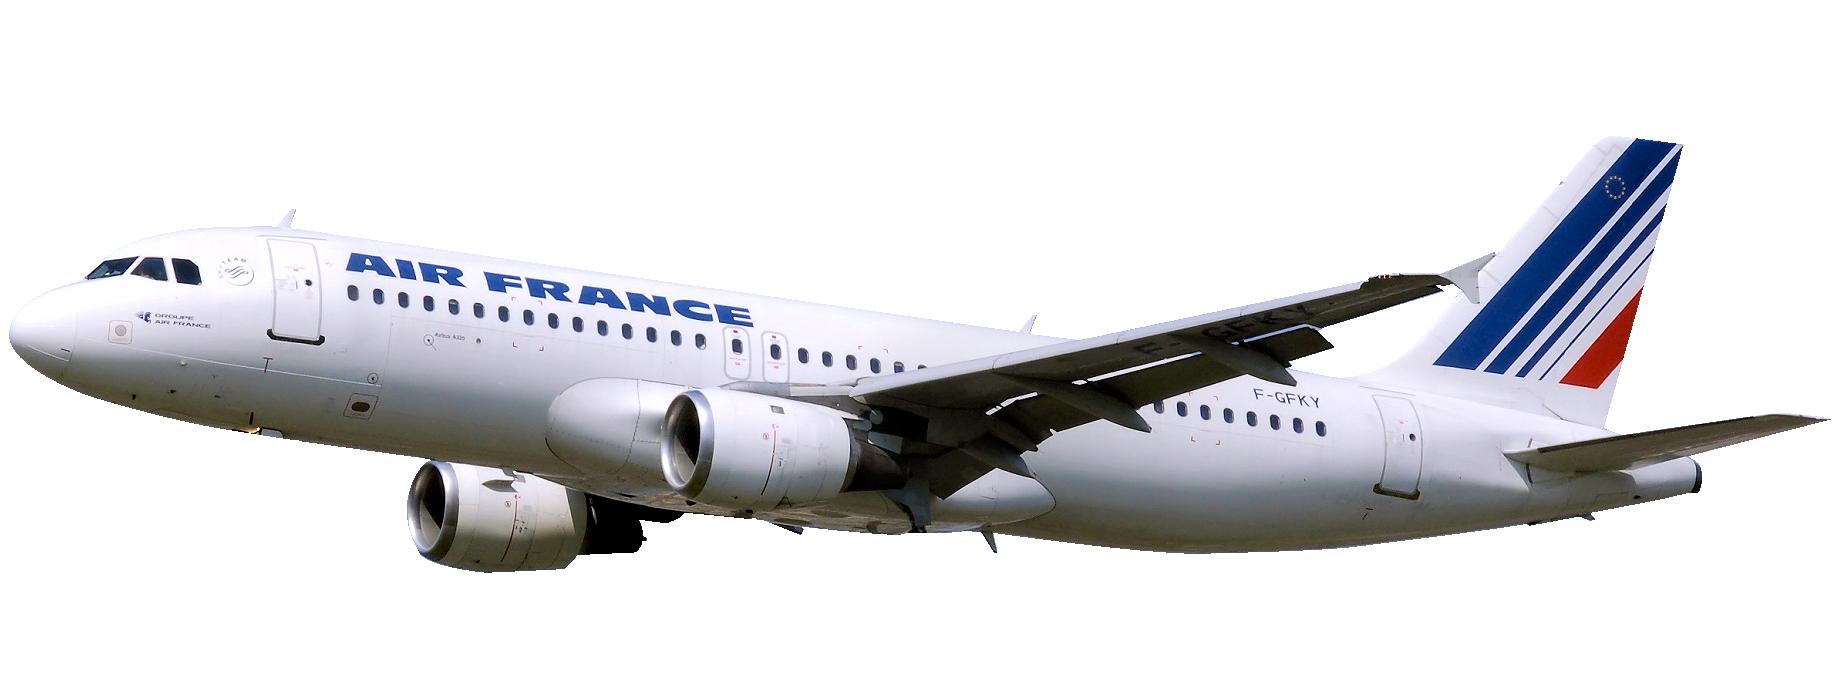 plane-web